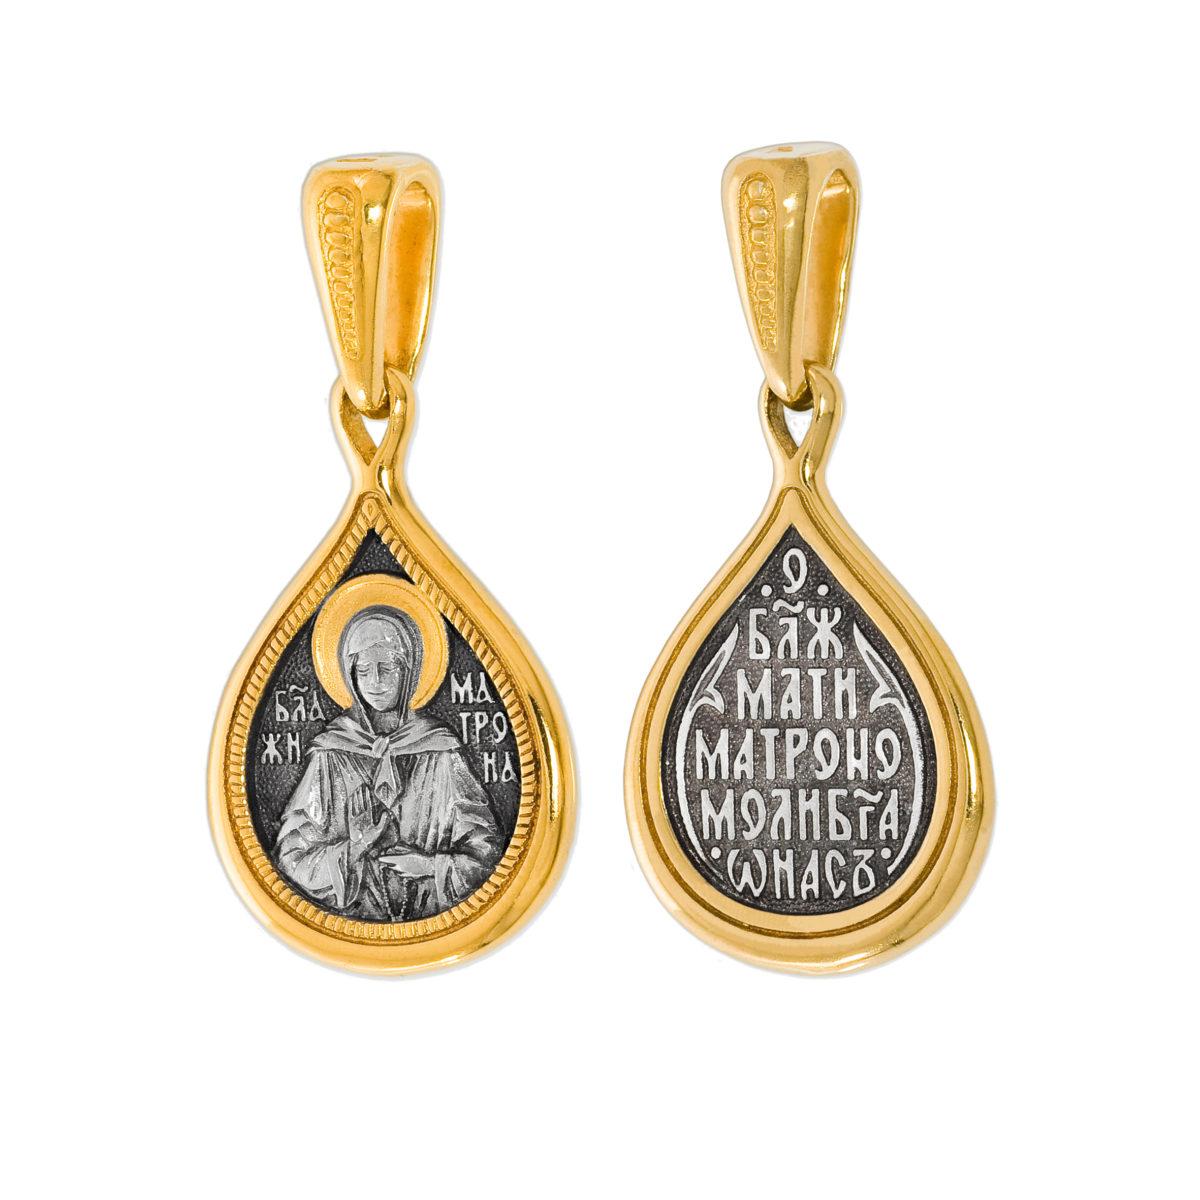 8.56 1200x1200 - Образок «Святая блаженная Матрона Московская. Молитва»